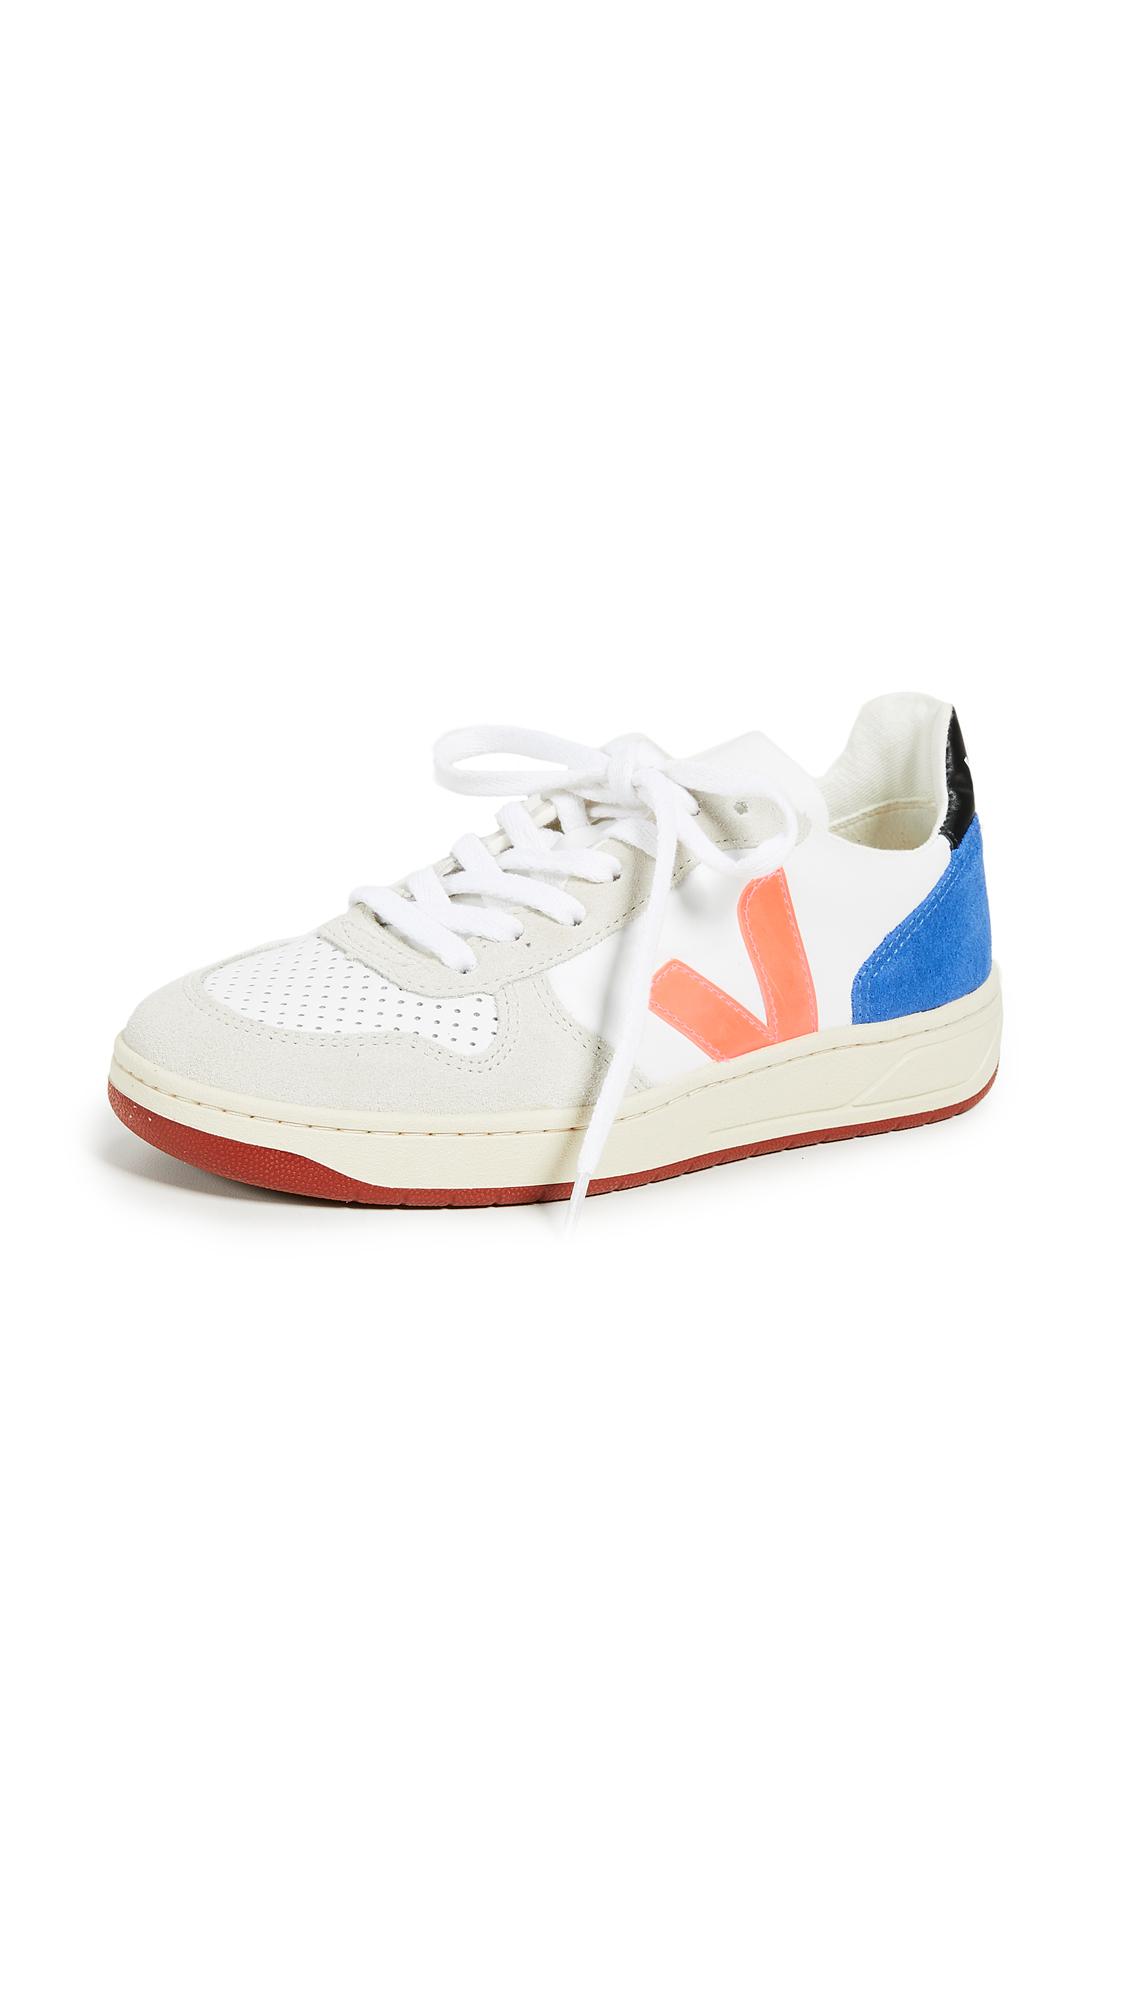 Veja Bastille Sneakers - Veja X Bellerose